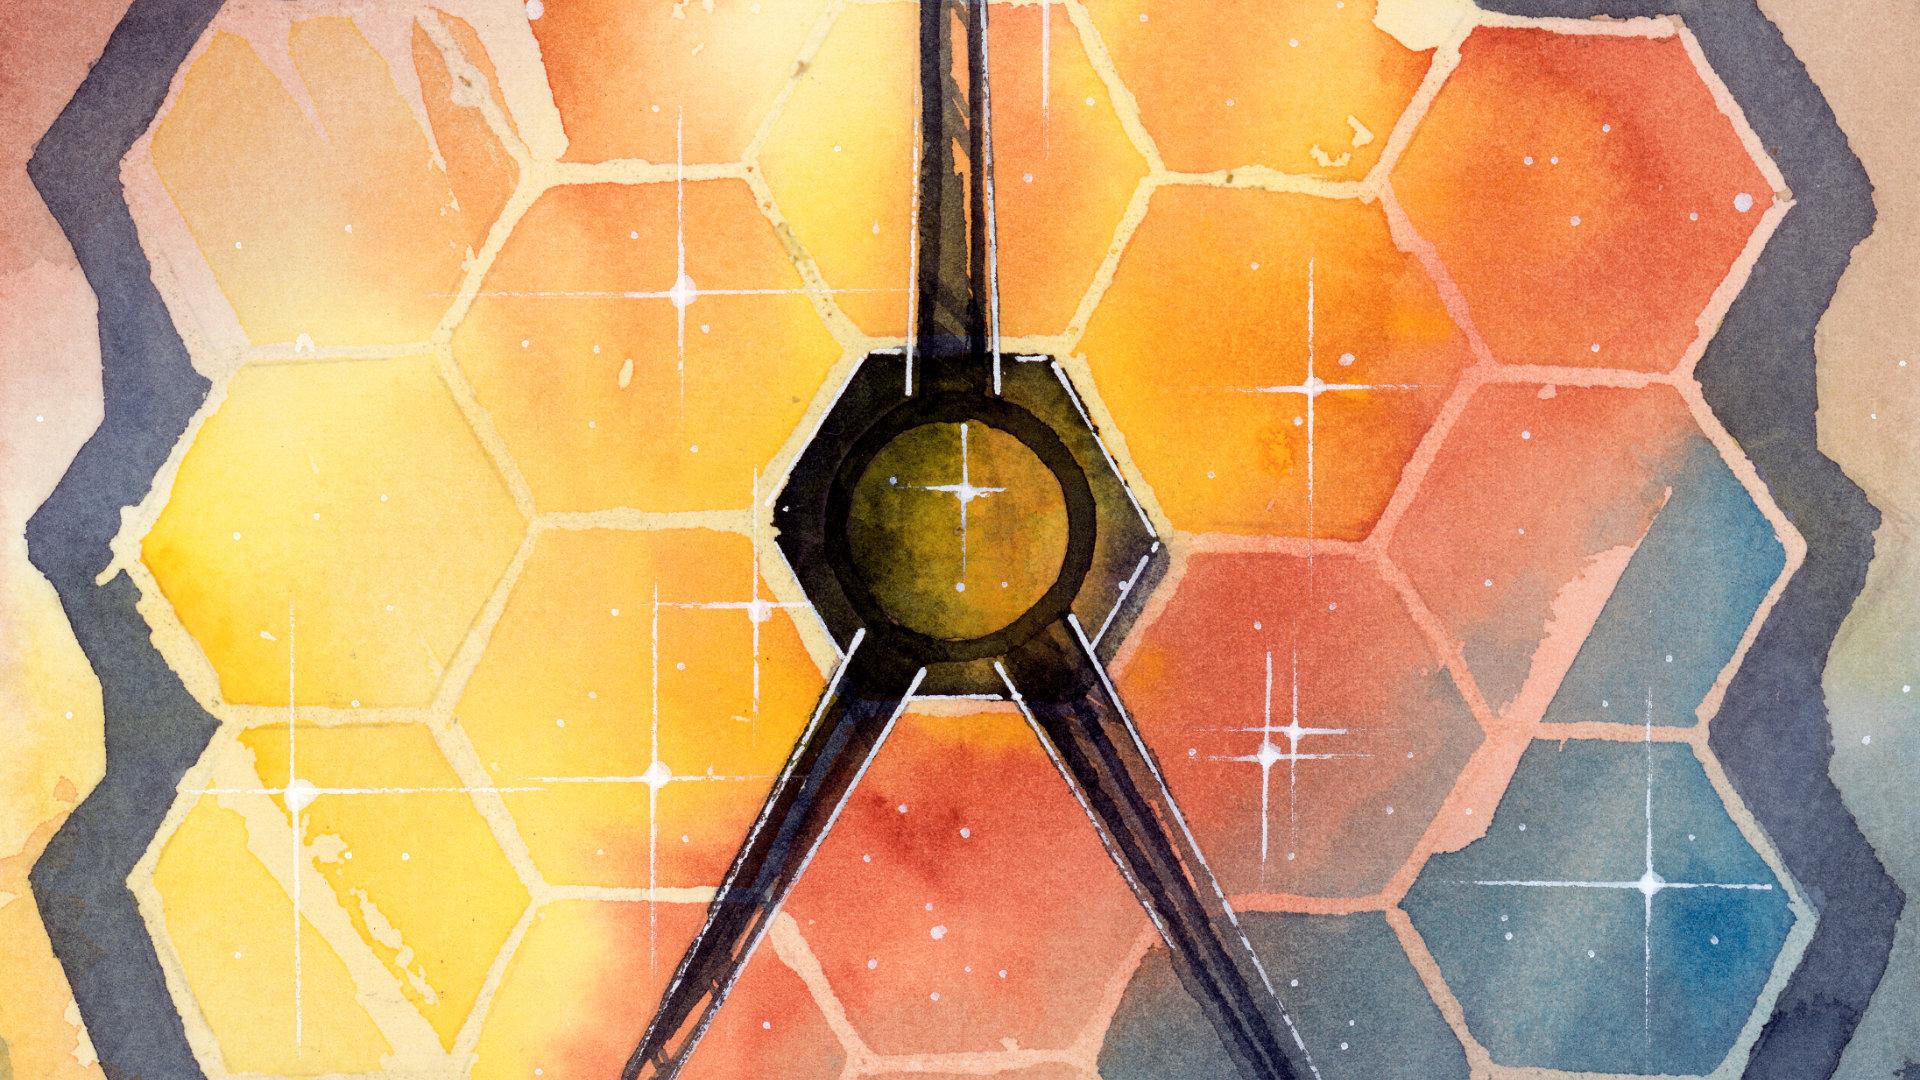 Pourquoi le télescope James-Webb doit-il être envoyé dans l'espace ?